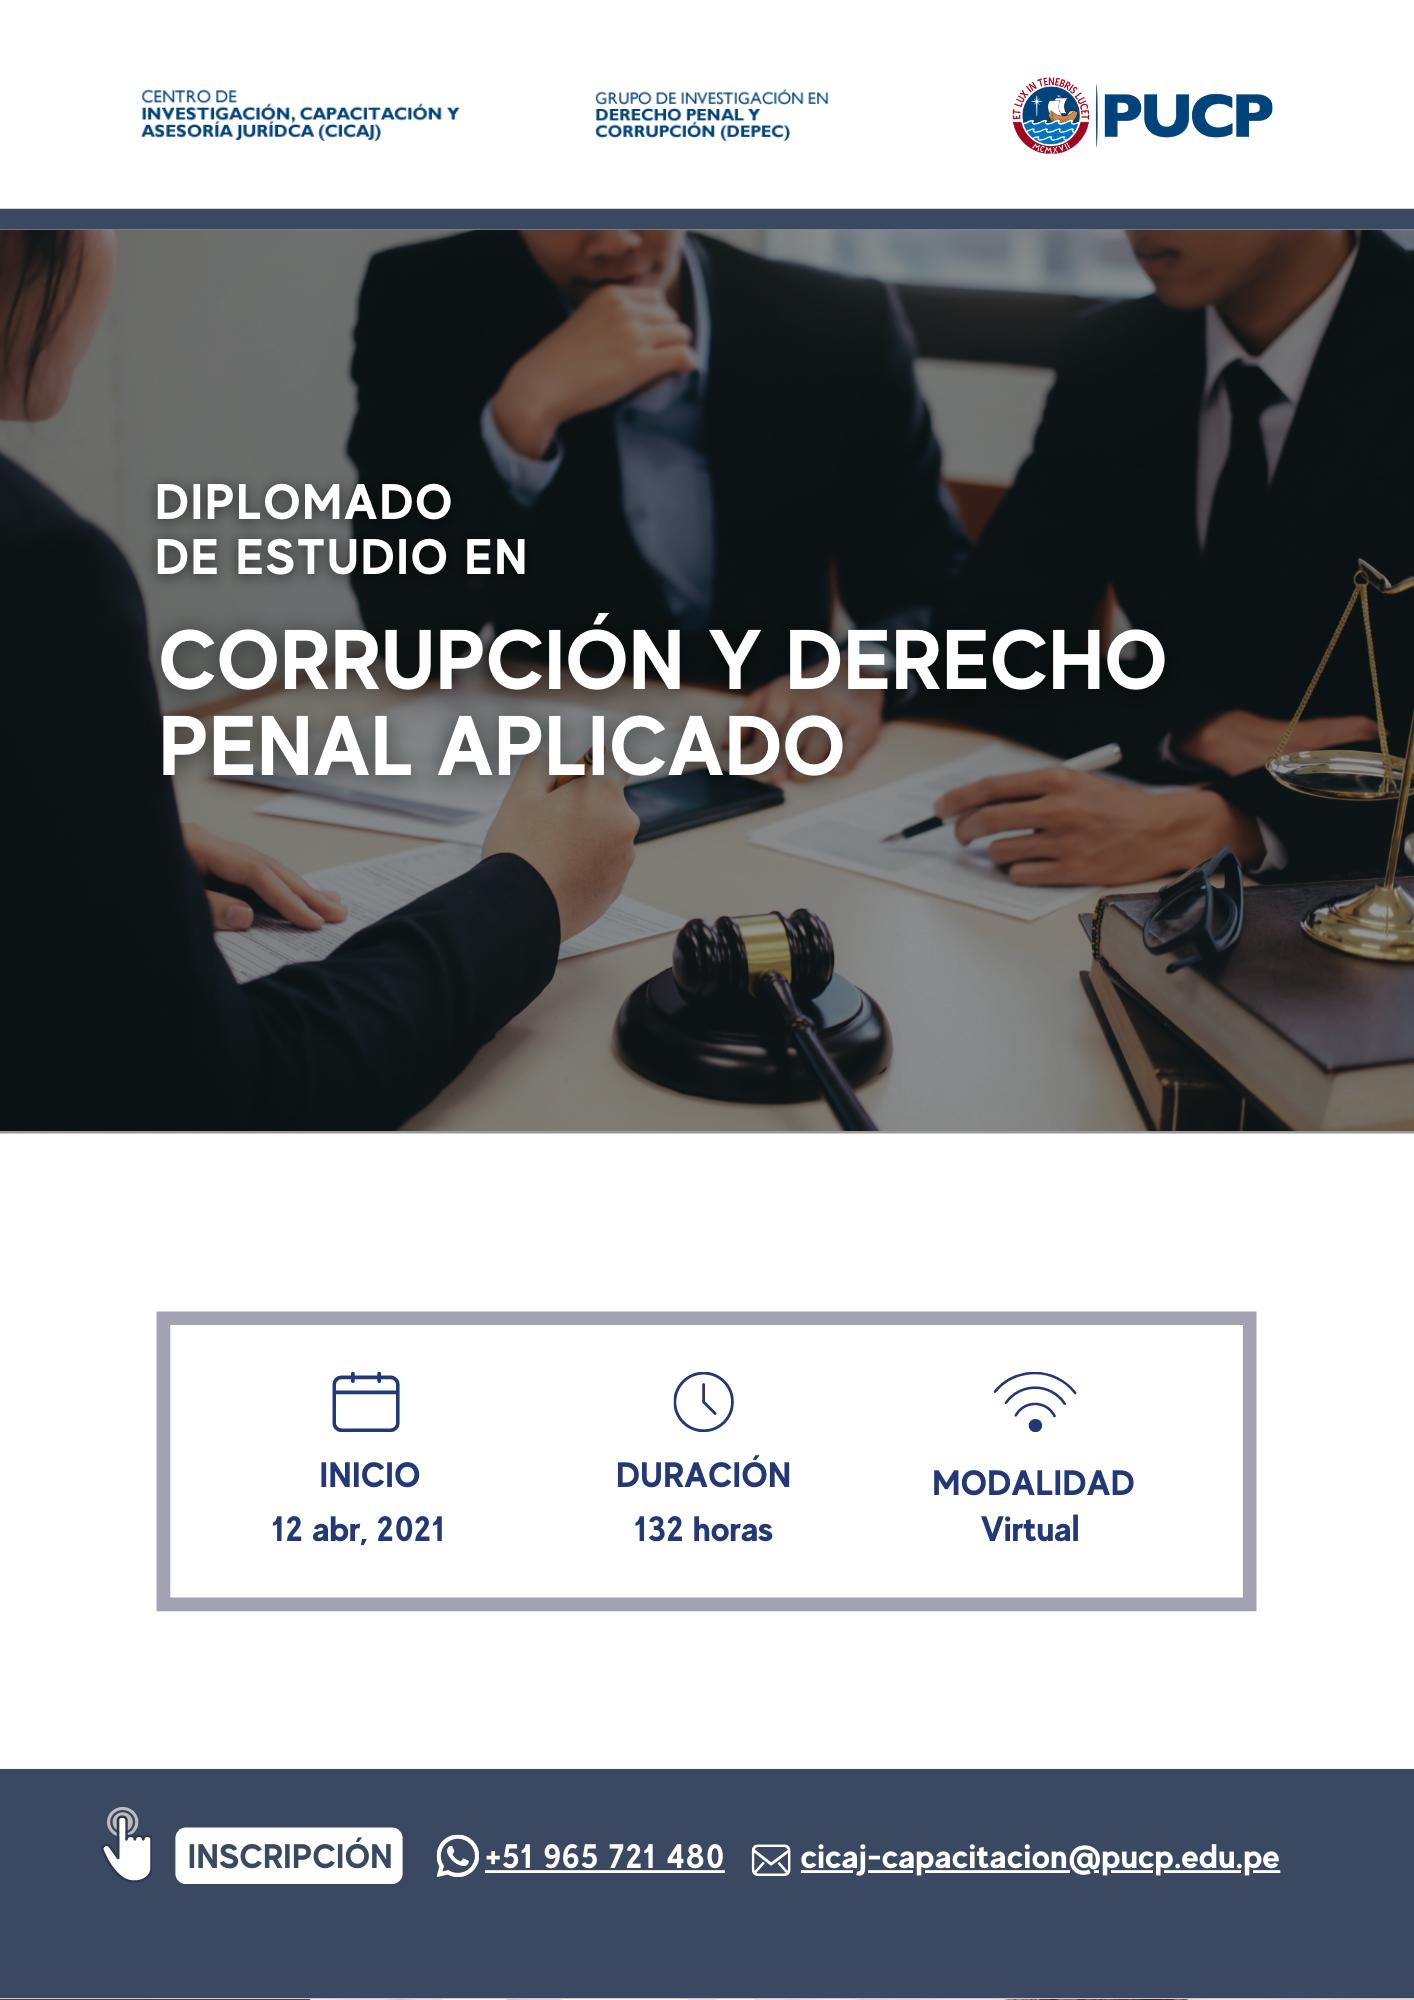 Diplomado de Estudio en Corrupción y Derecho Penal Aplicado